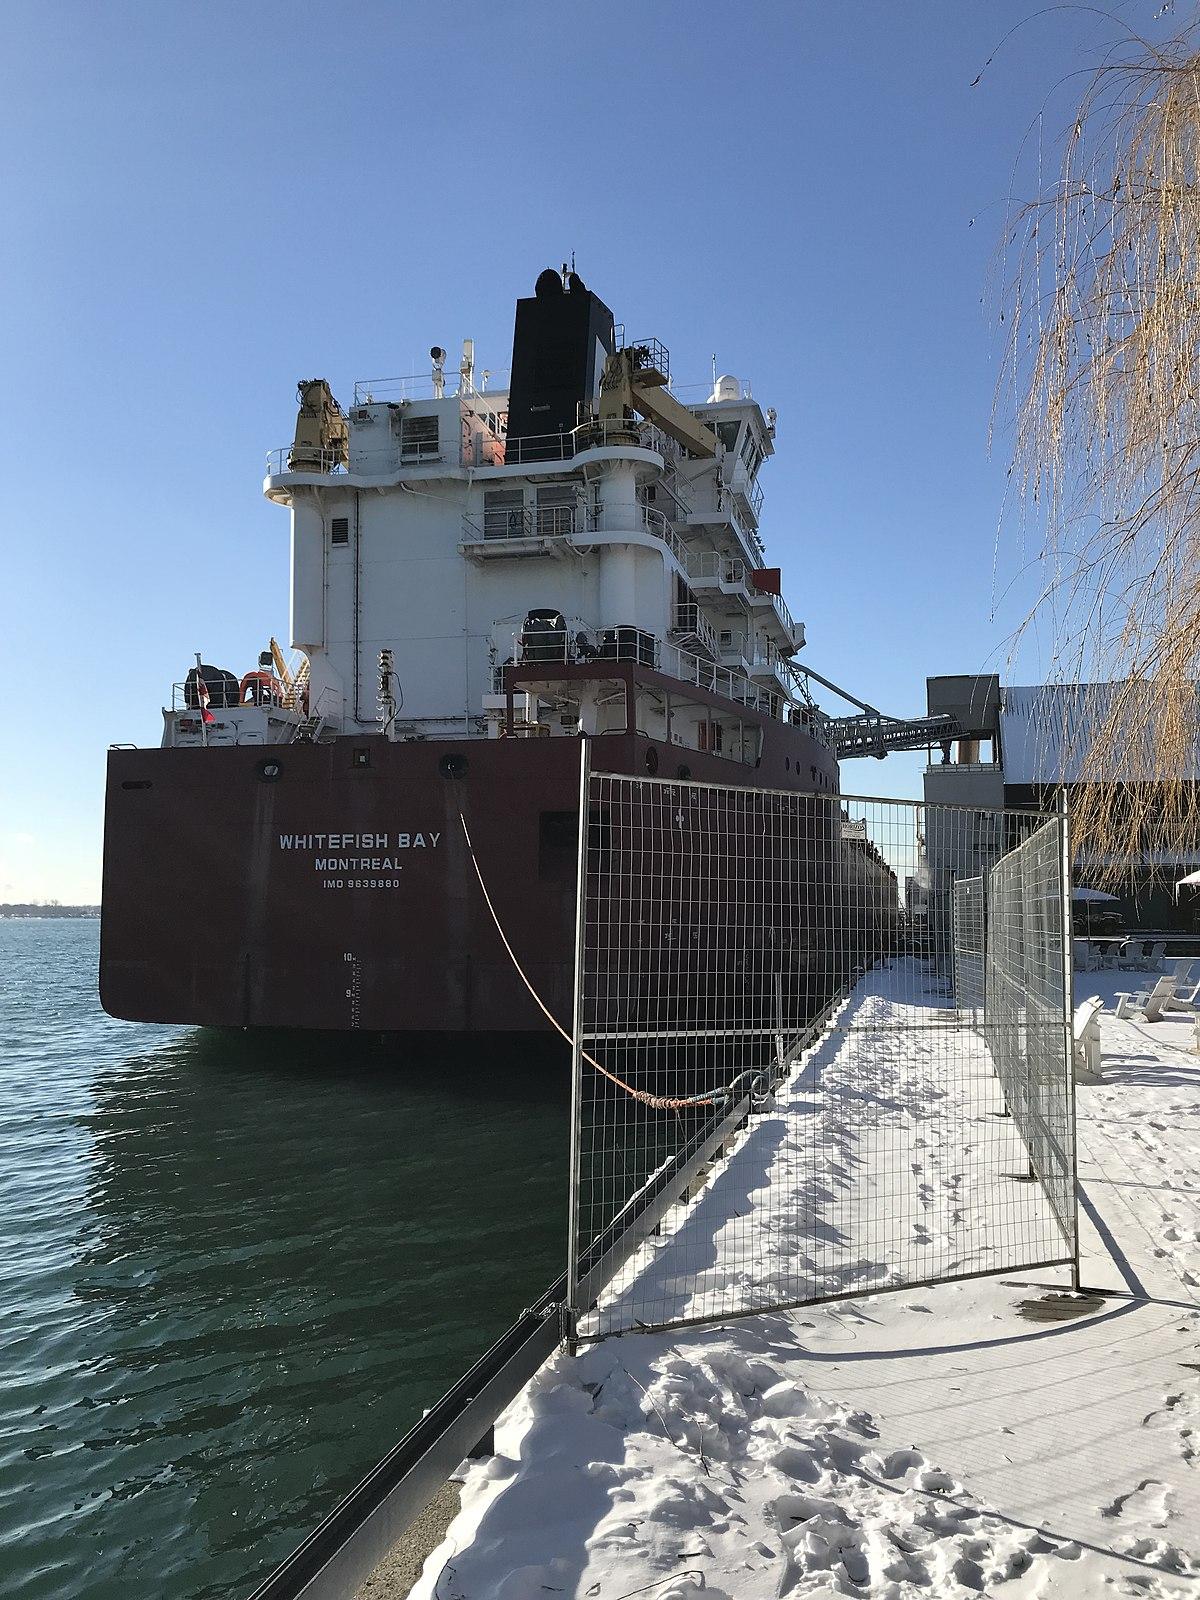 whitefish bay  2013 ship